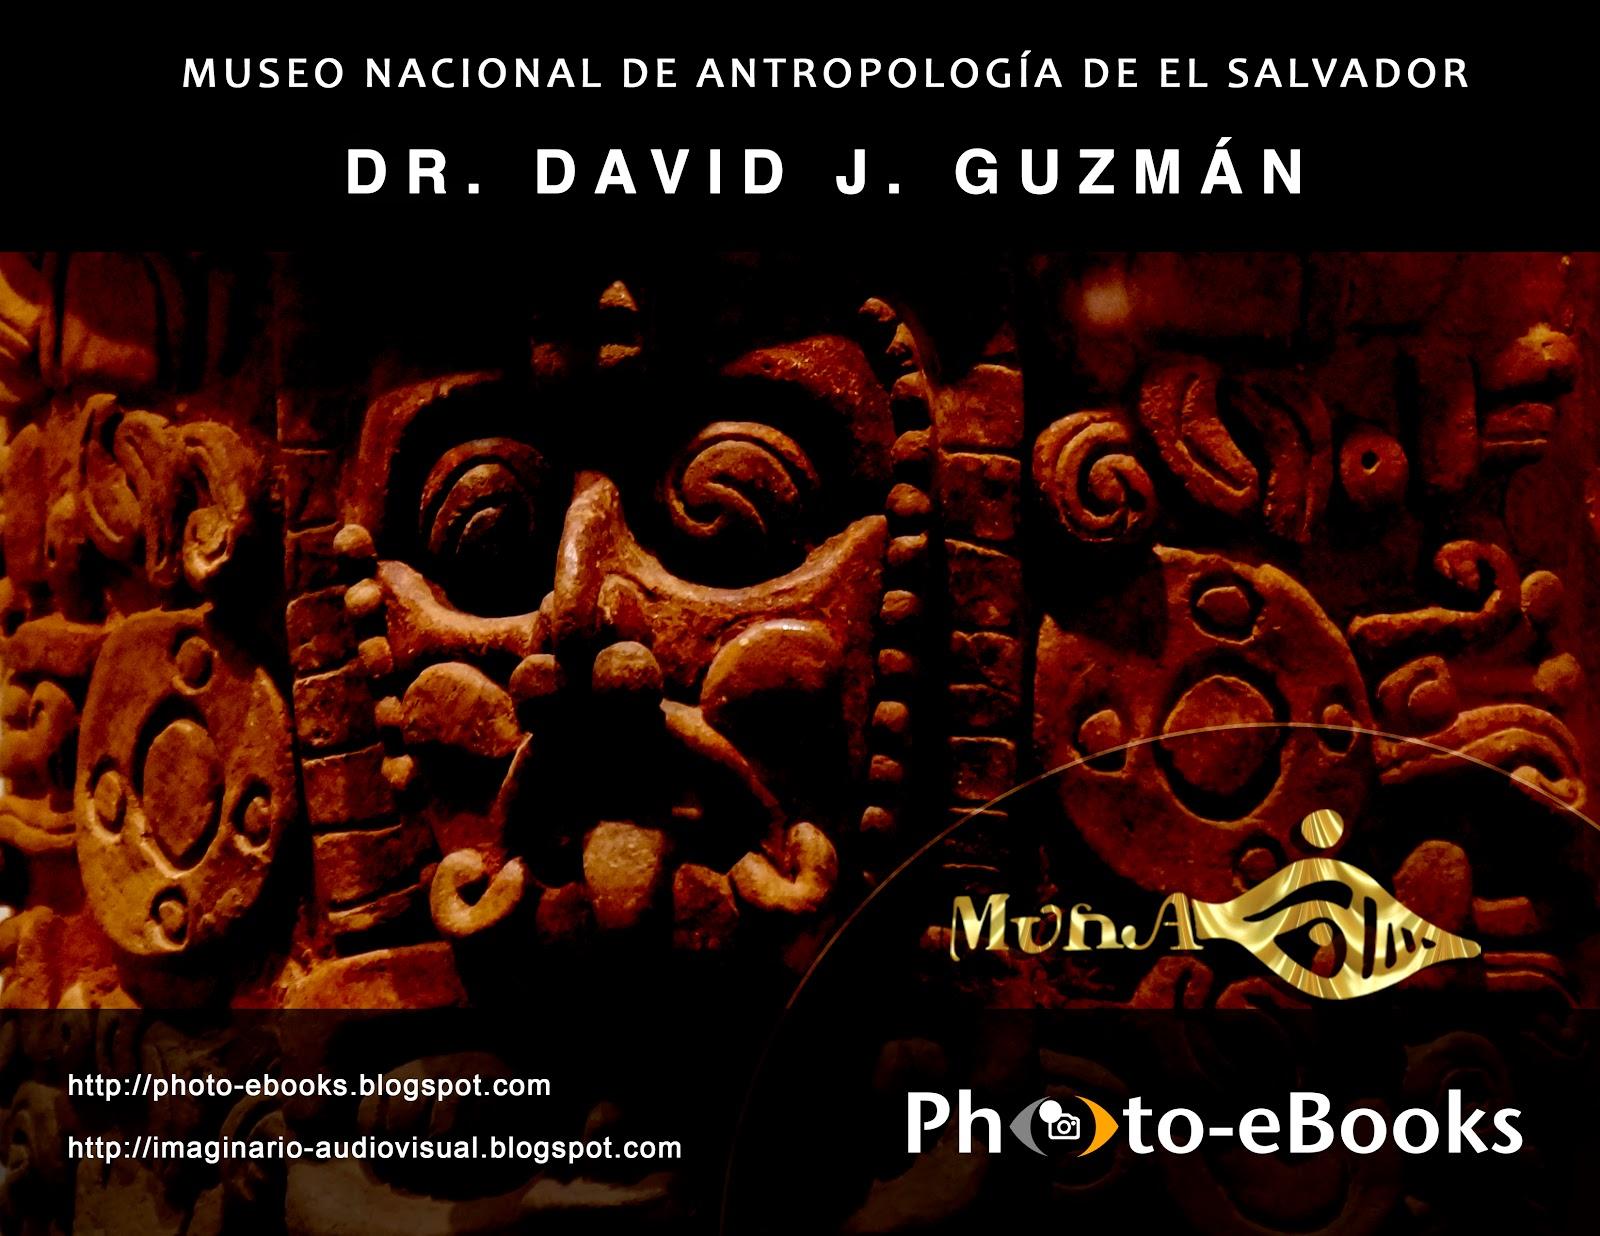 Libro fotográfico